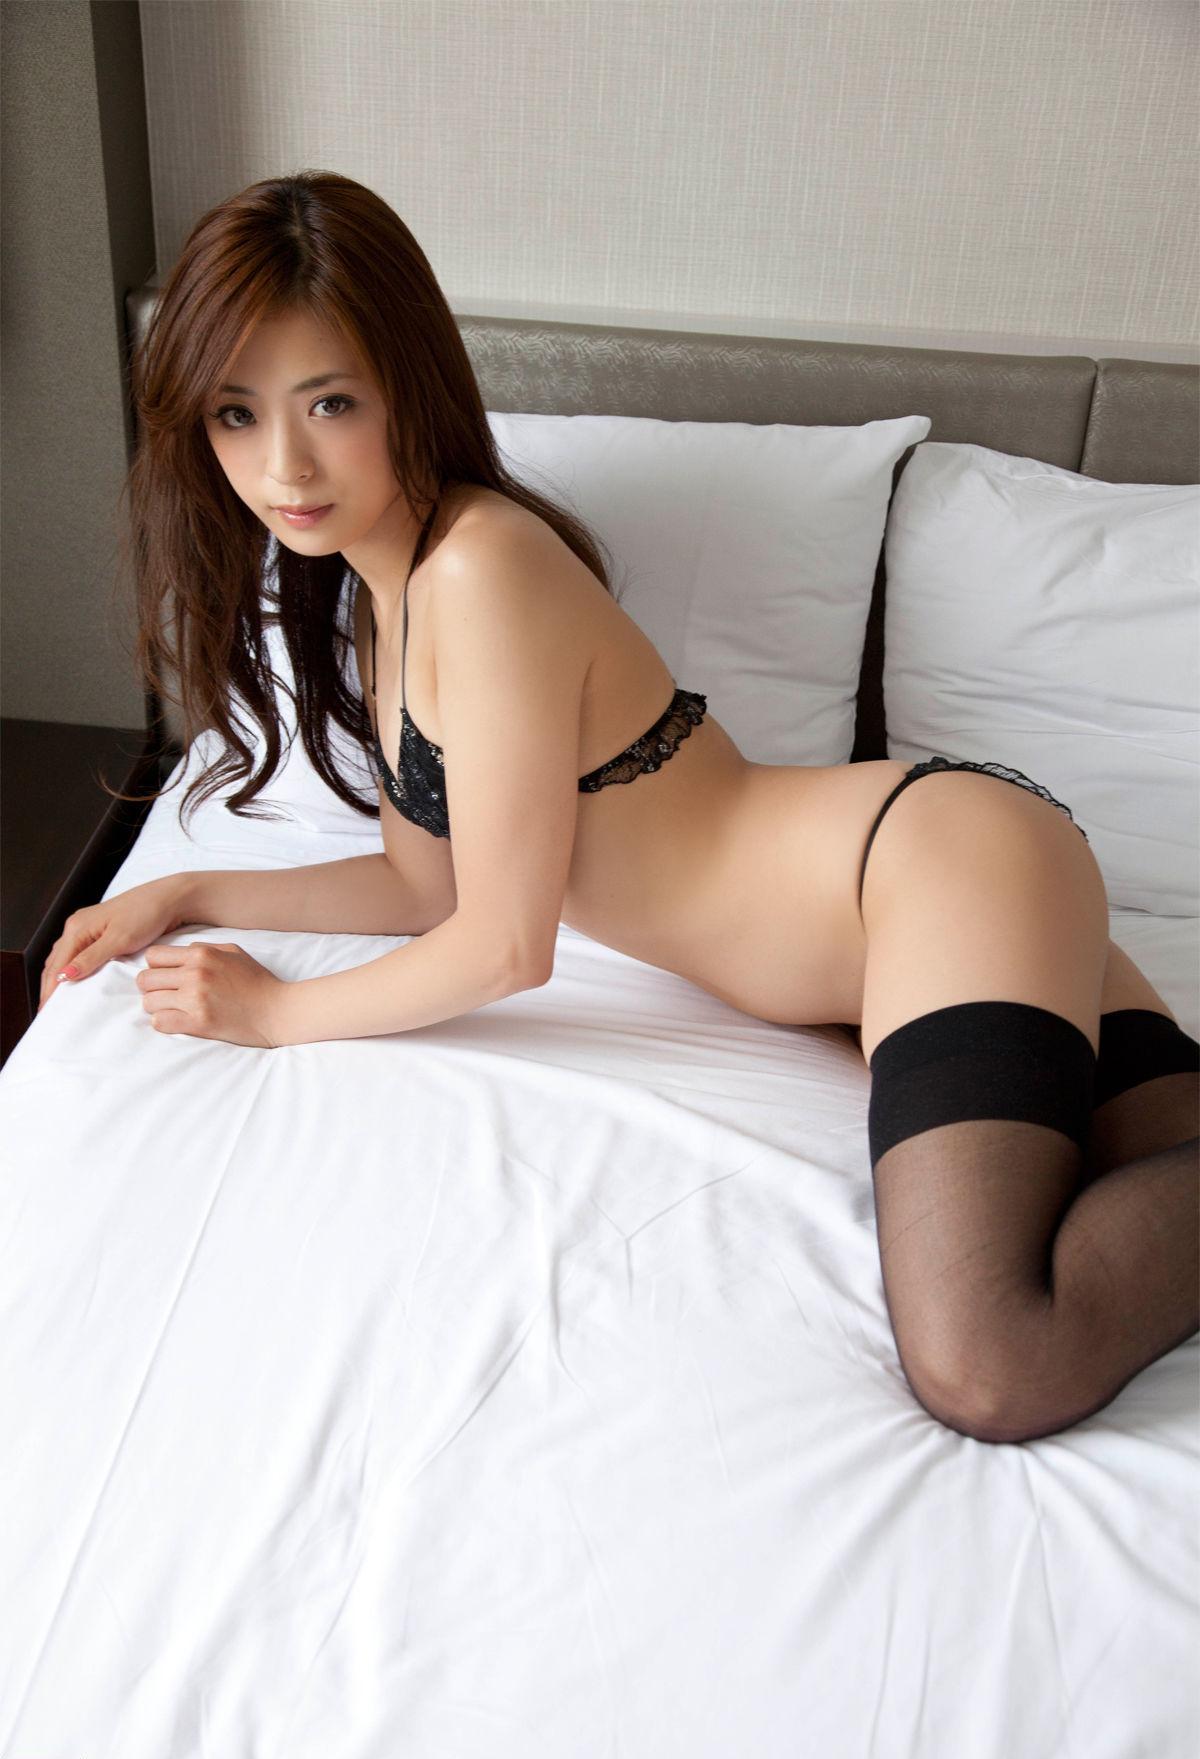 和田絵莉 画像 81